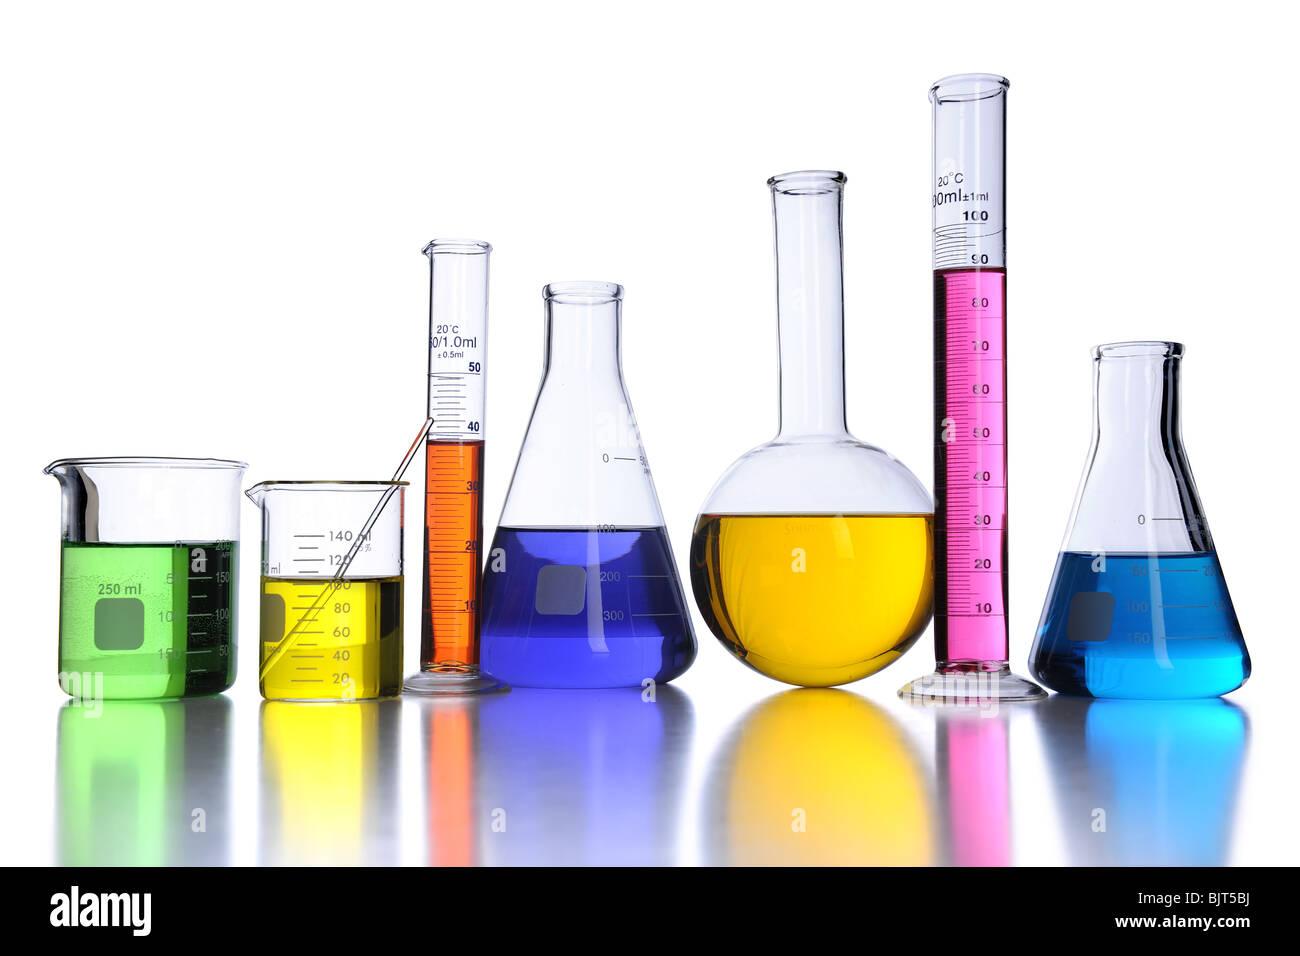 Laborglas mit Farbe Flüssigkeiten auf weißem Hintergrund Stockbild